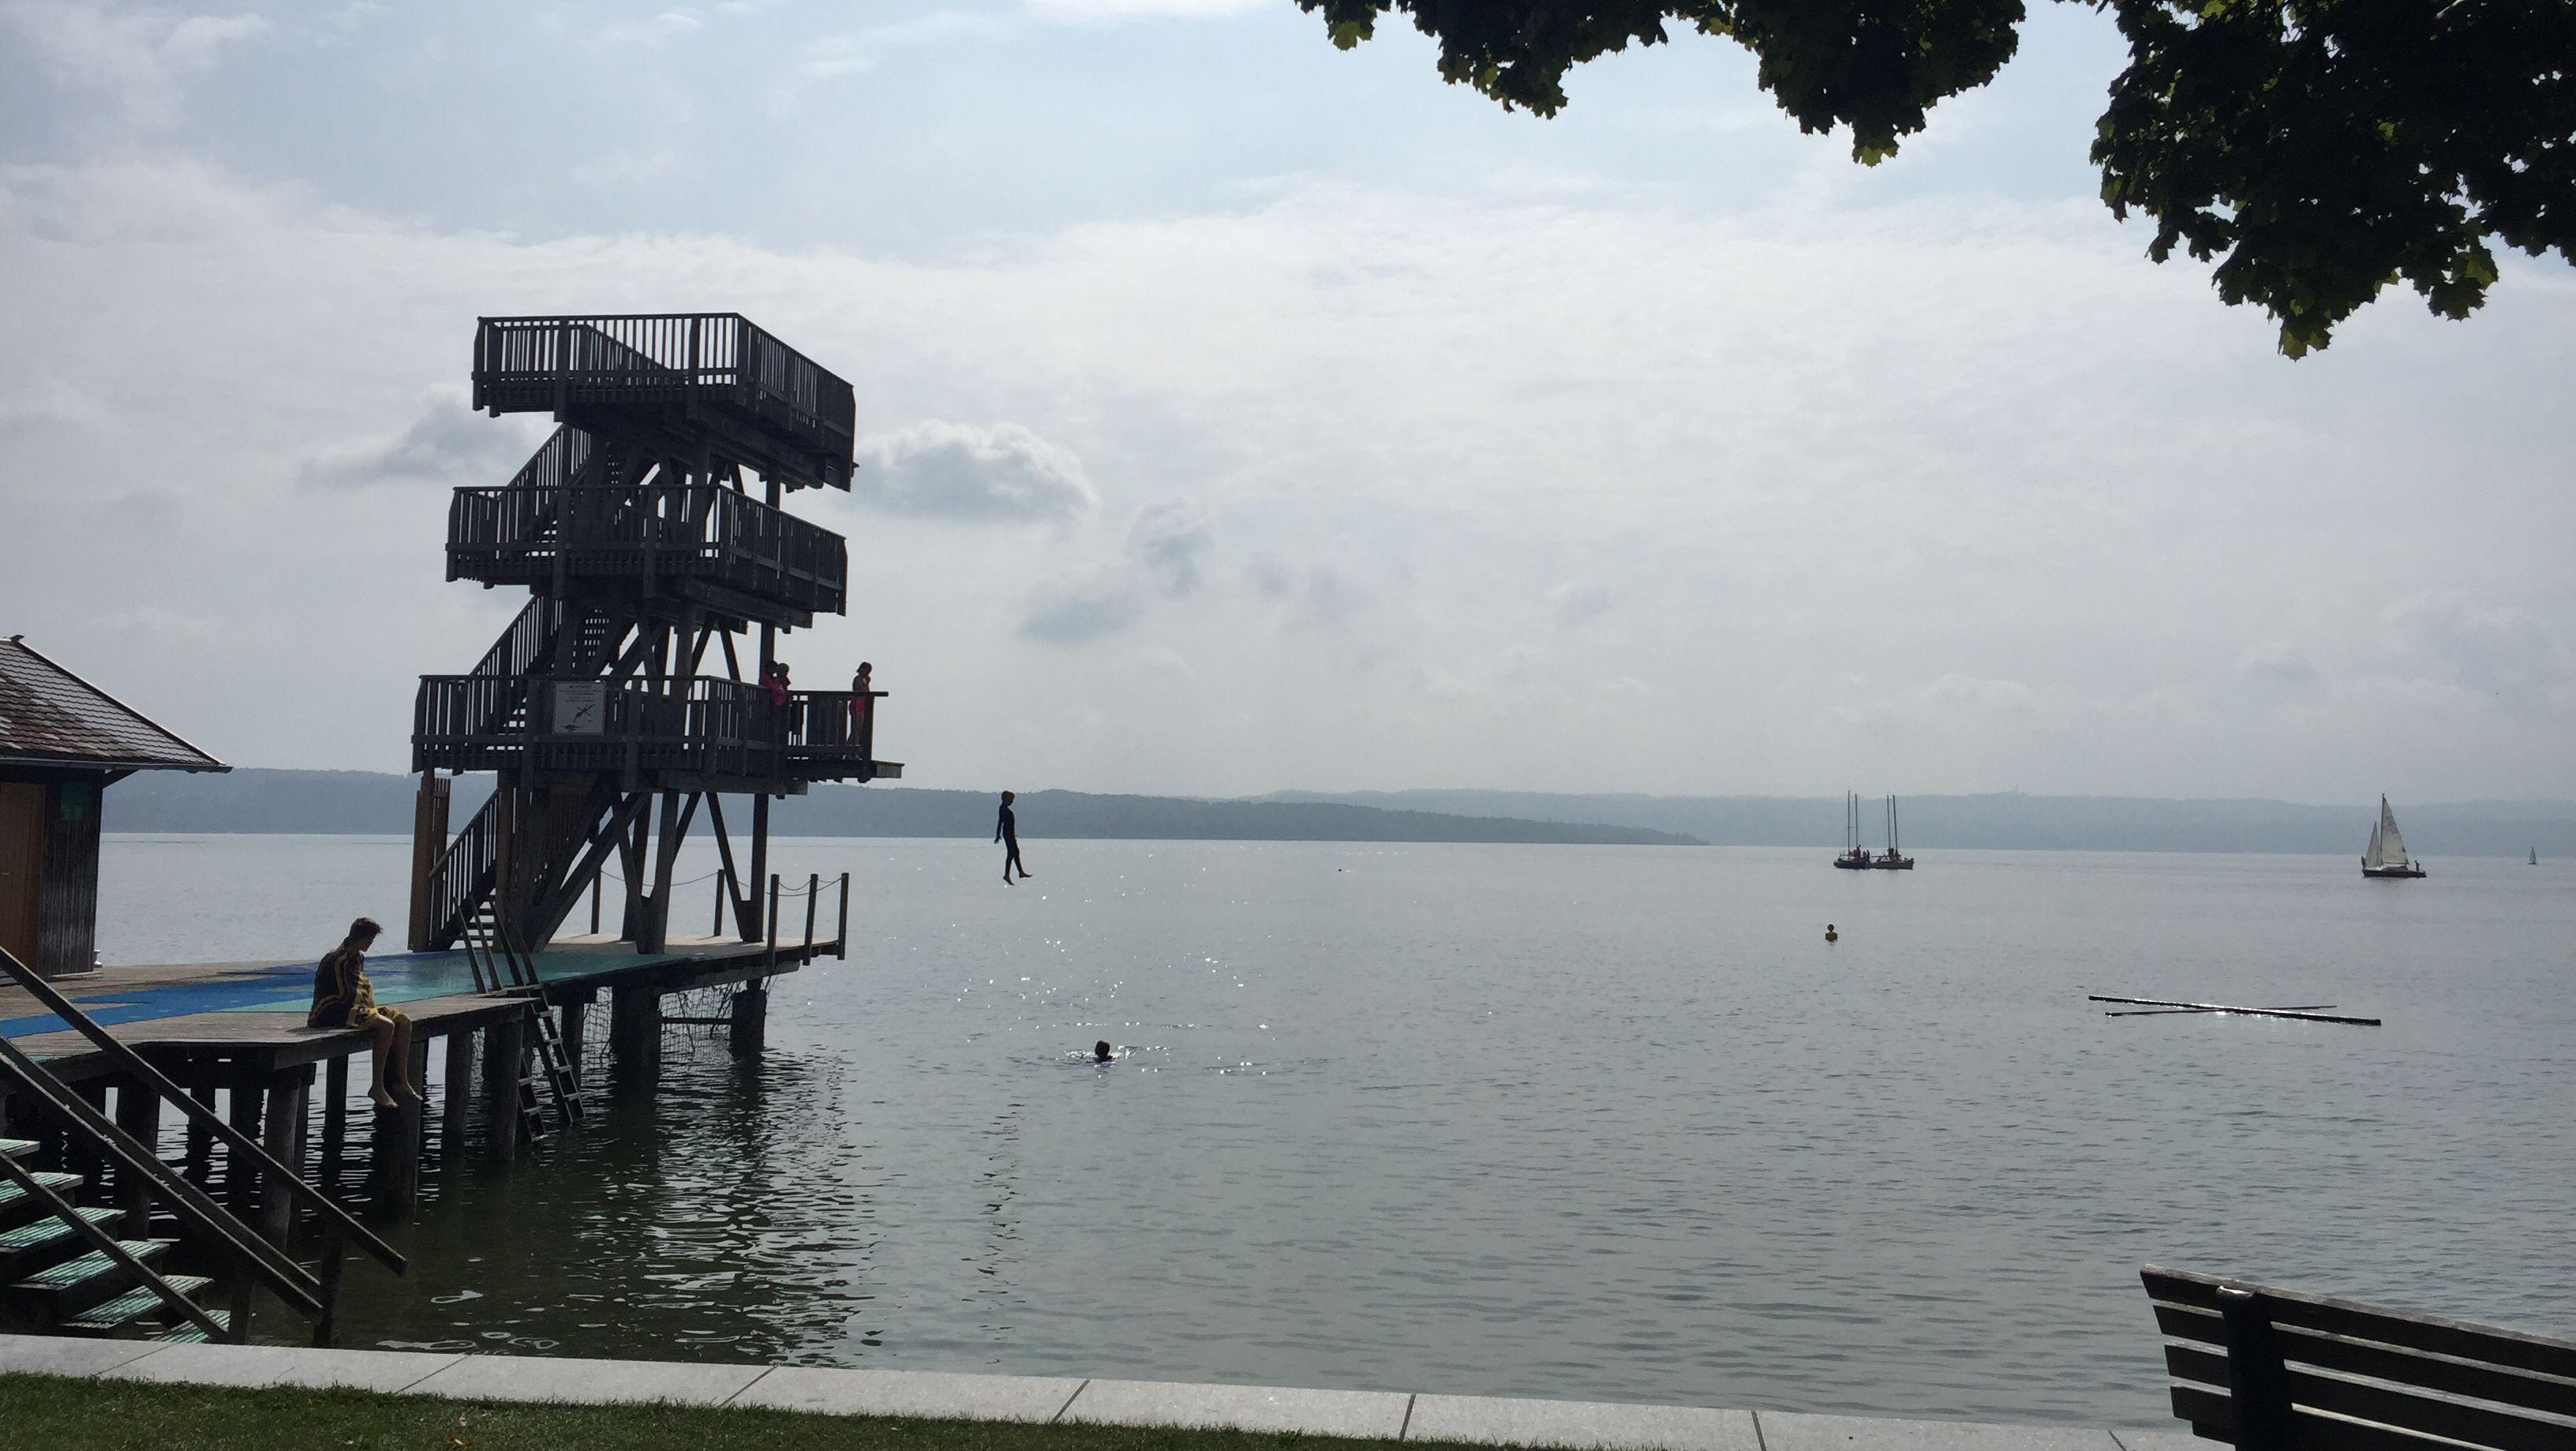 Sprungturm und Schwimmkreuz in Utting am Ammersee